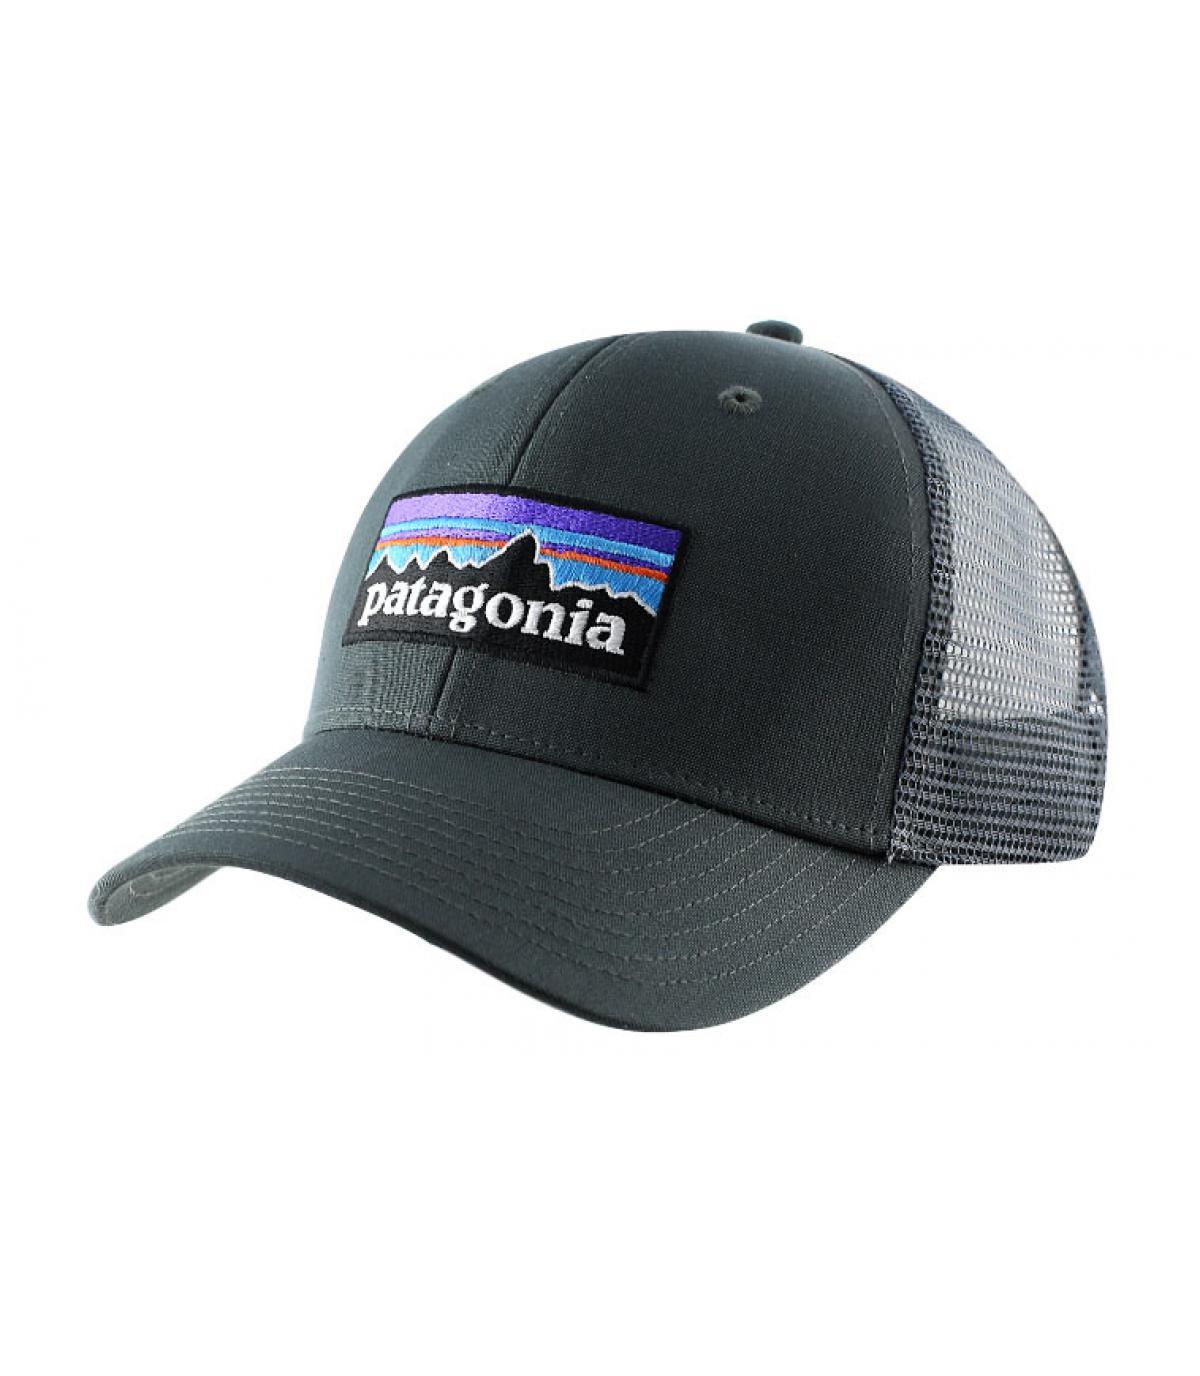 Détails P6 logo trucker hat forge grey - image 2